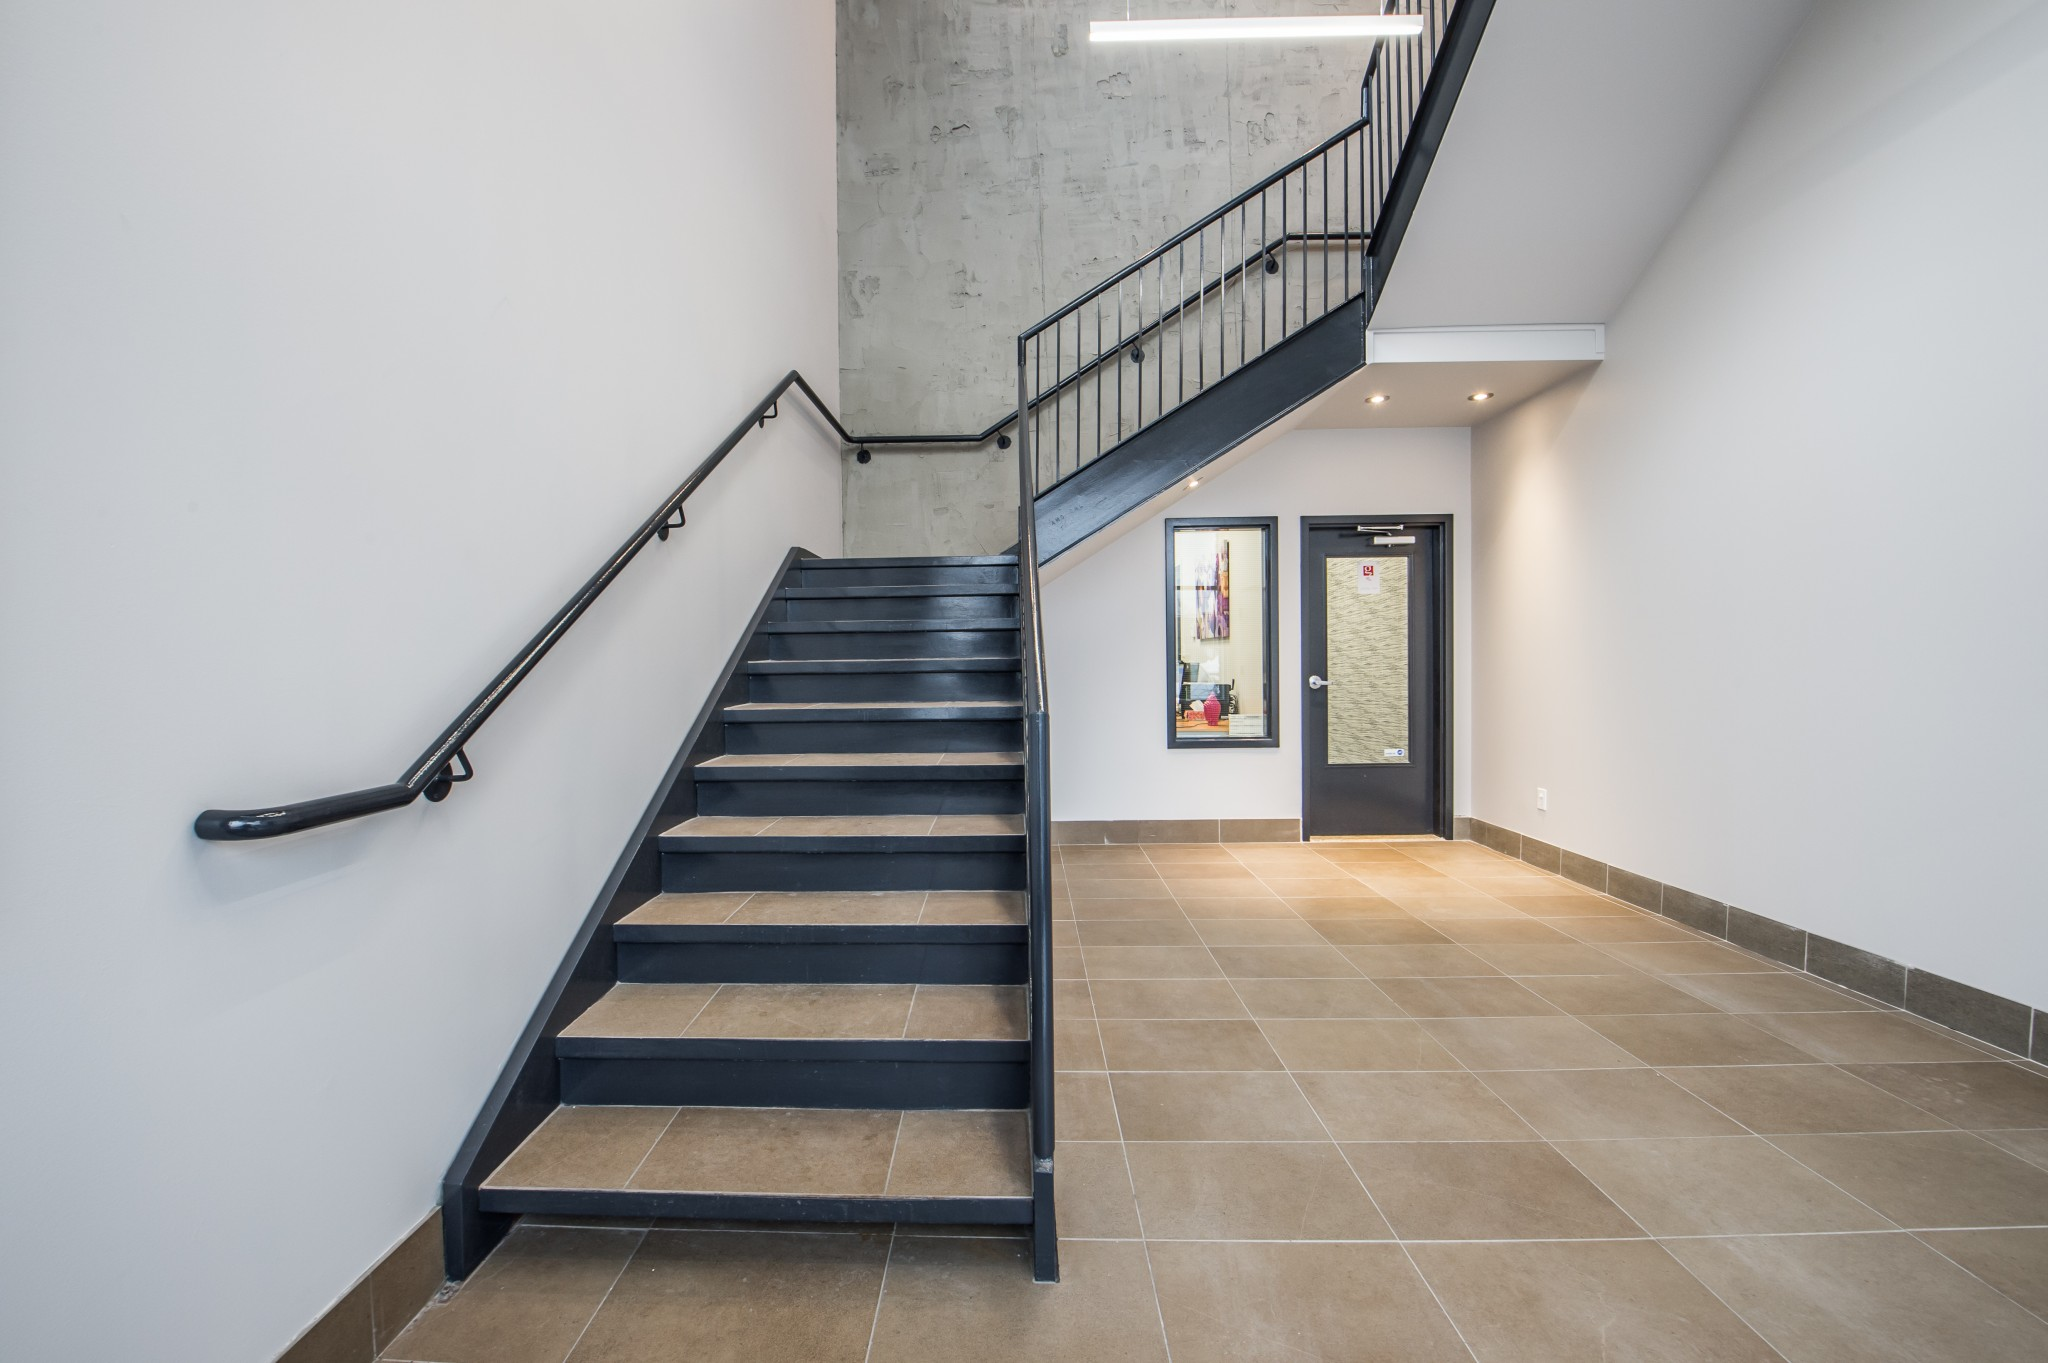 rénovation commerciale escalier